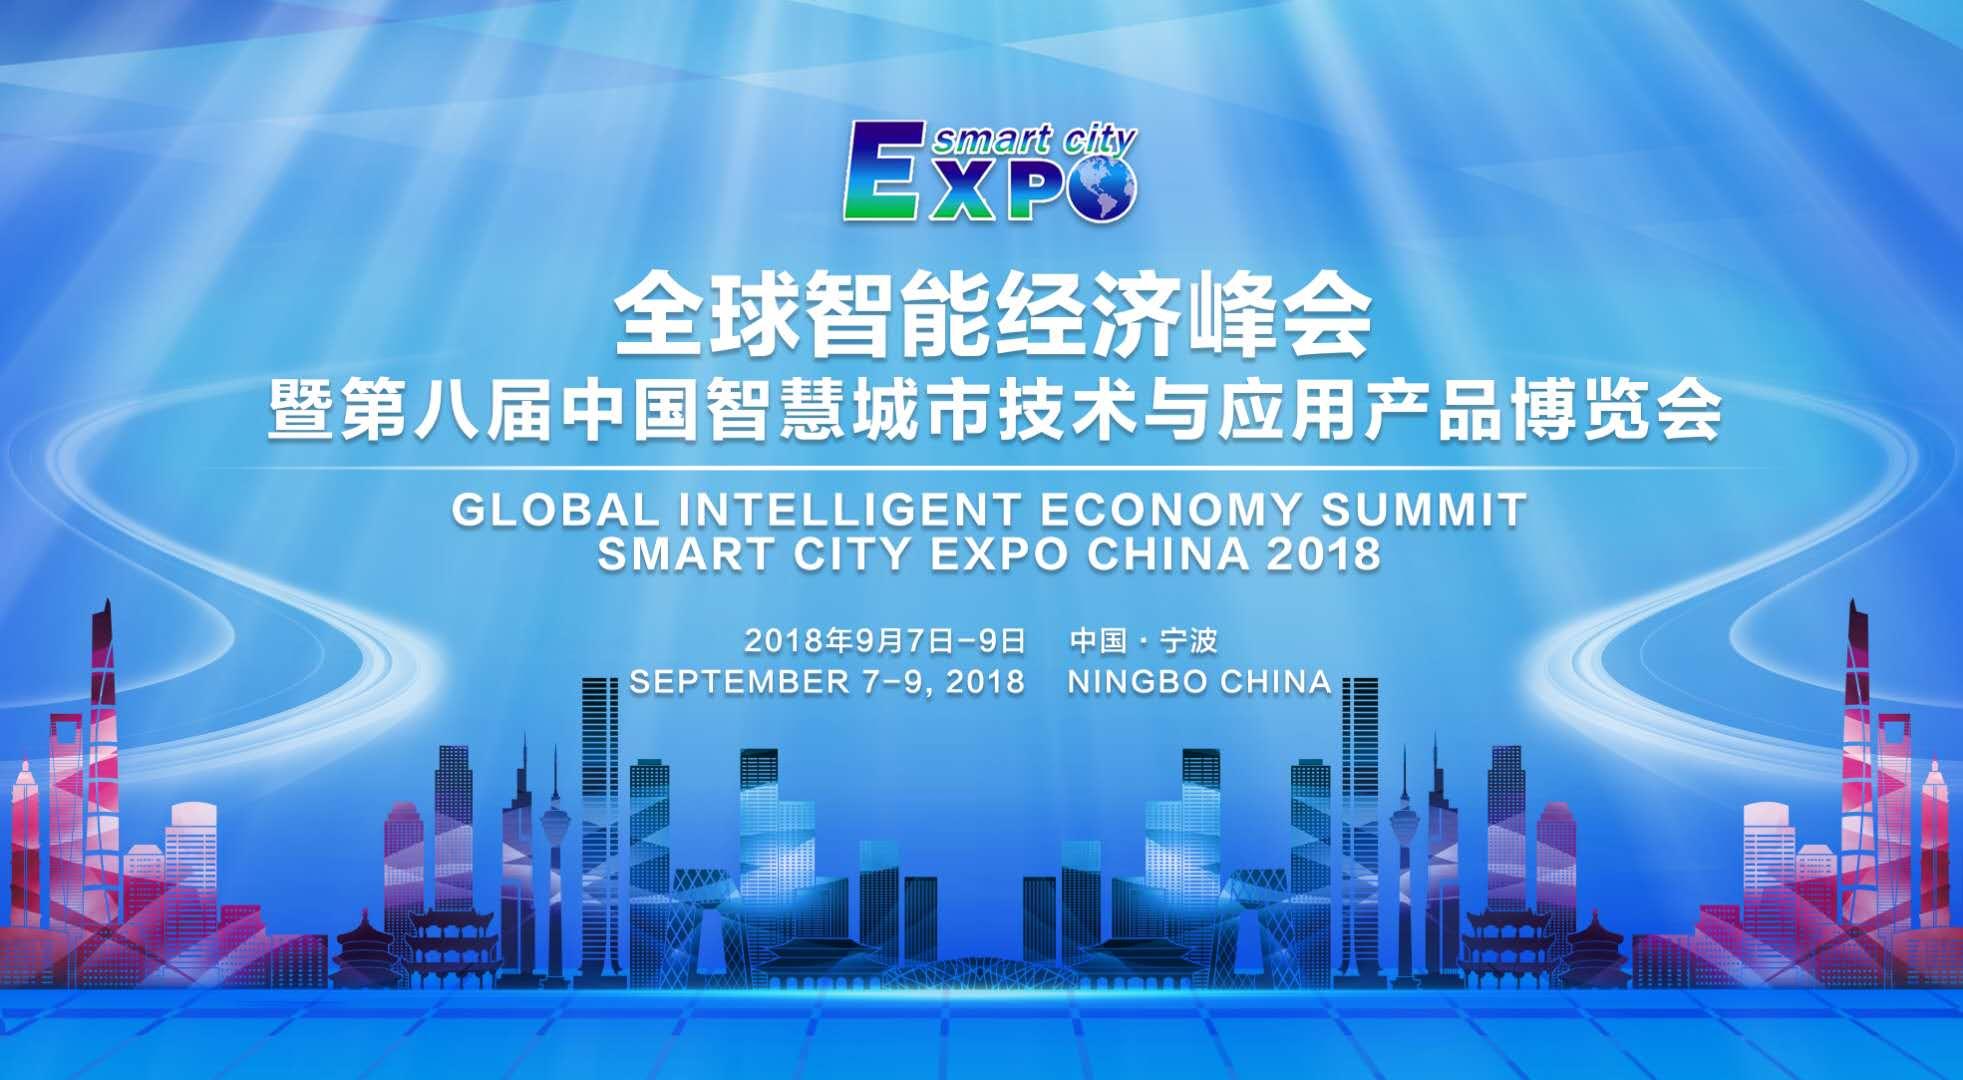 全球智能经济峰会暨第八届中国智慧城市技术与应用产品博览会